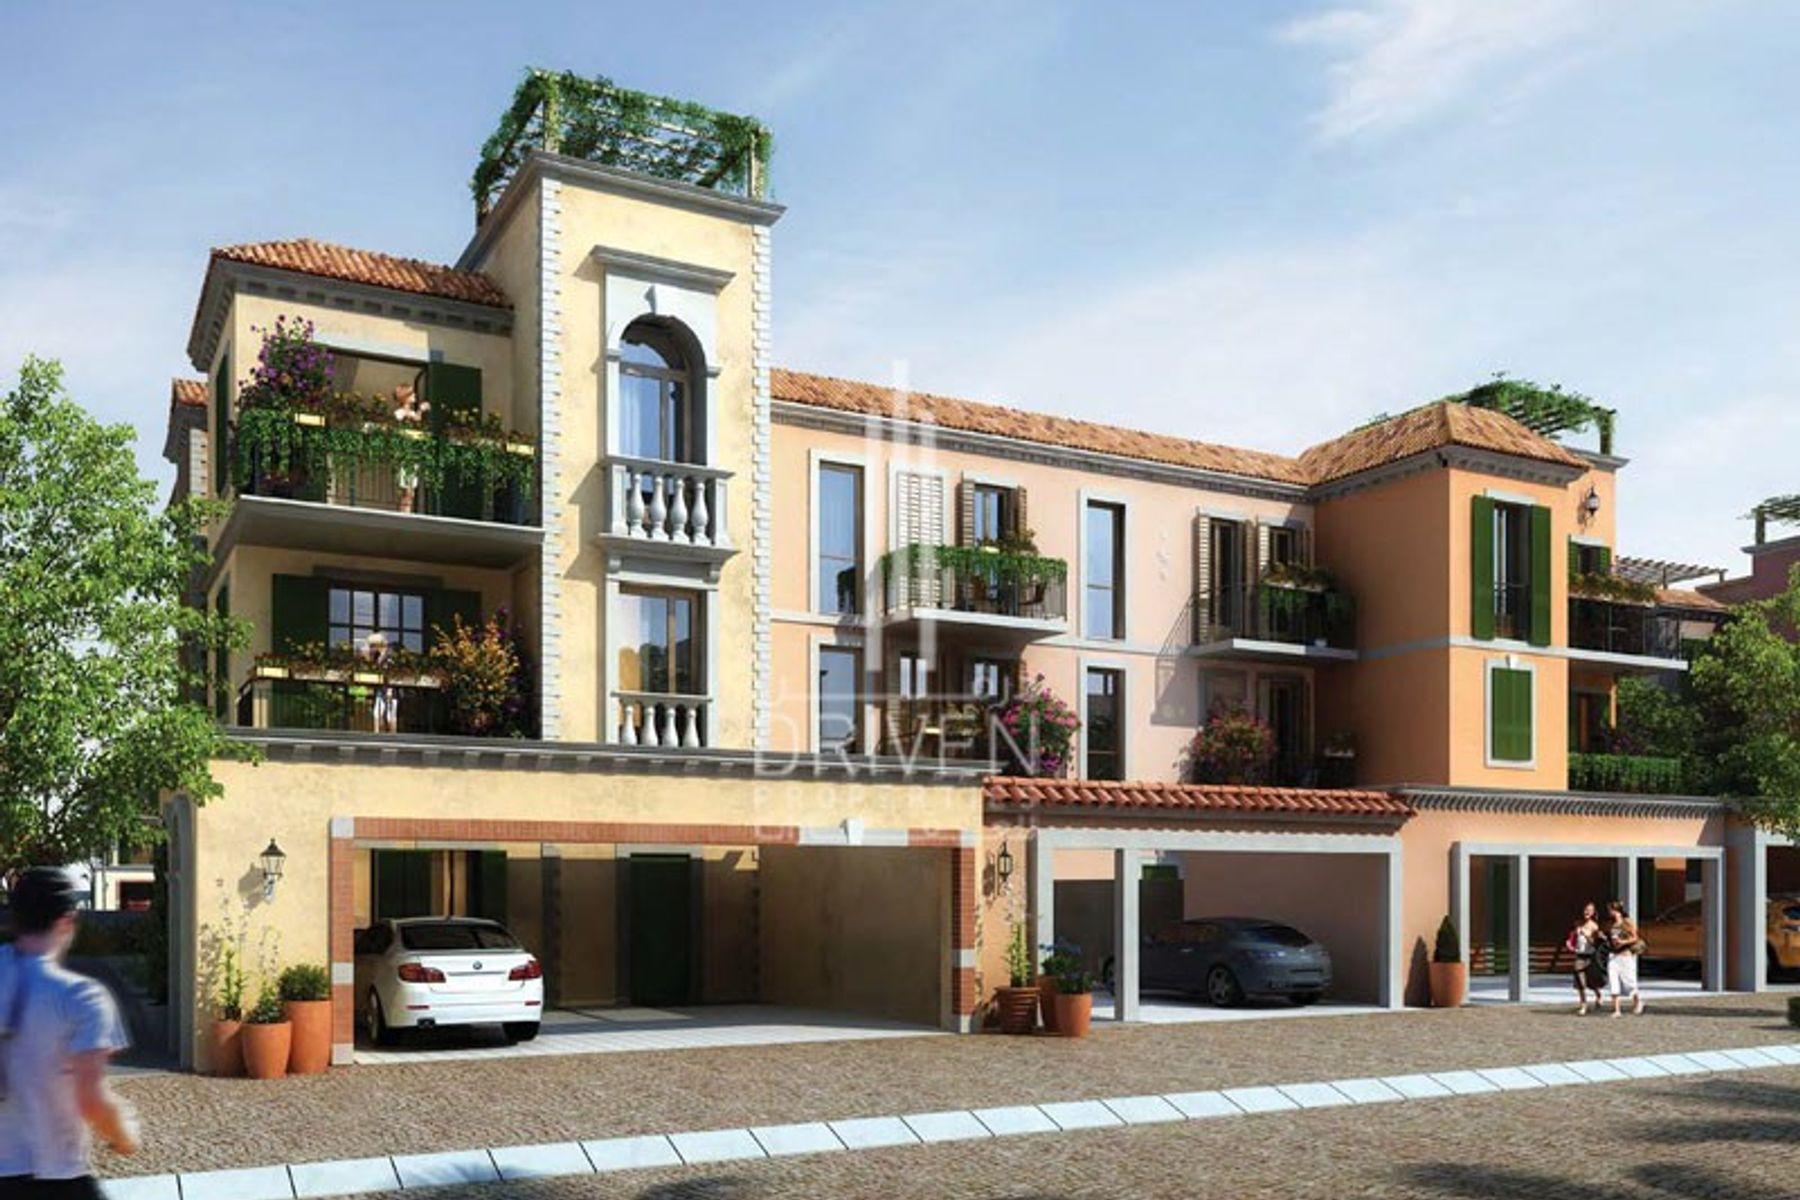 Townhouse for Sale in Port de La Mer - Jumeirah